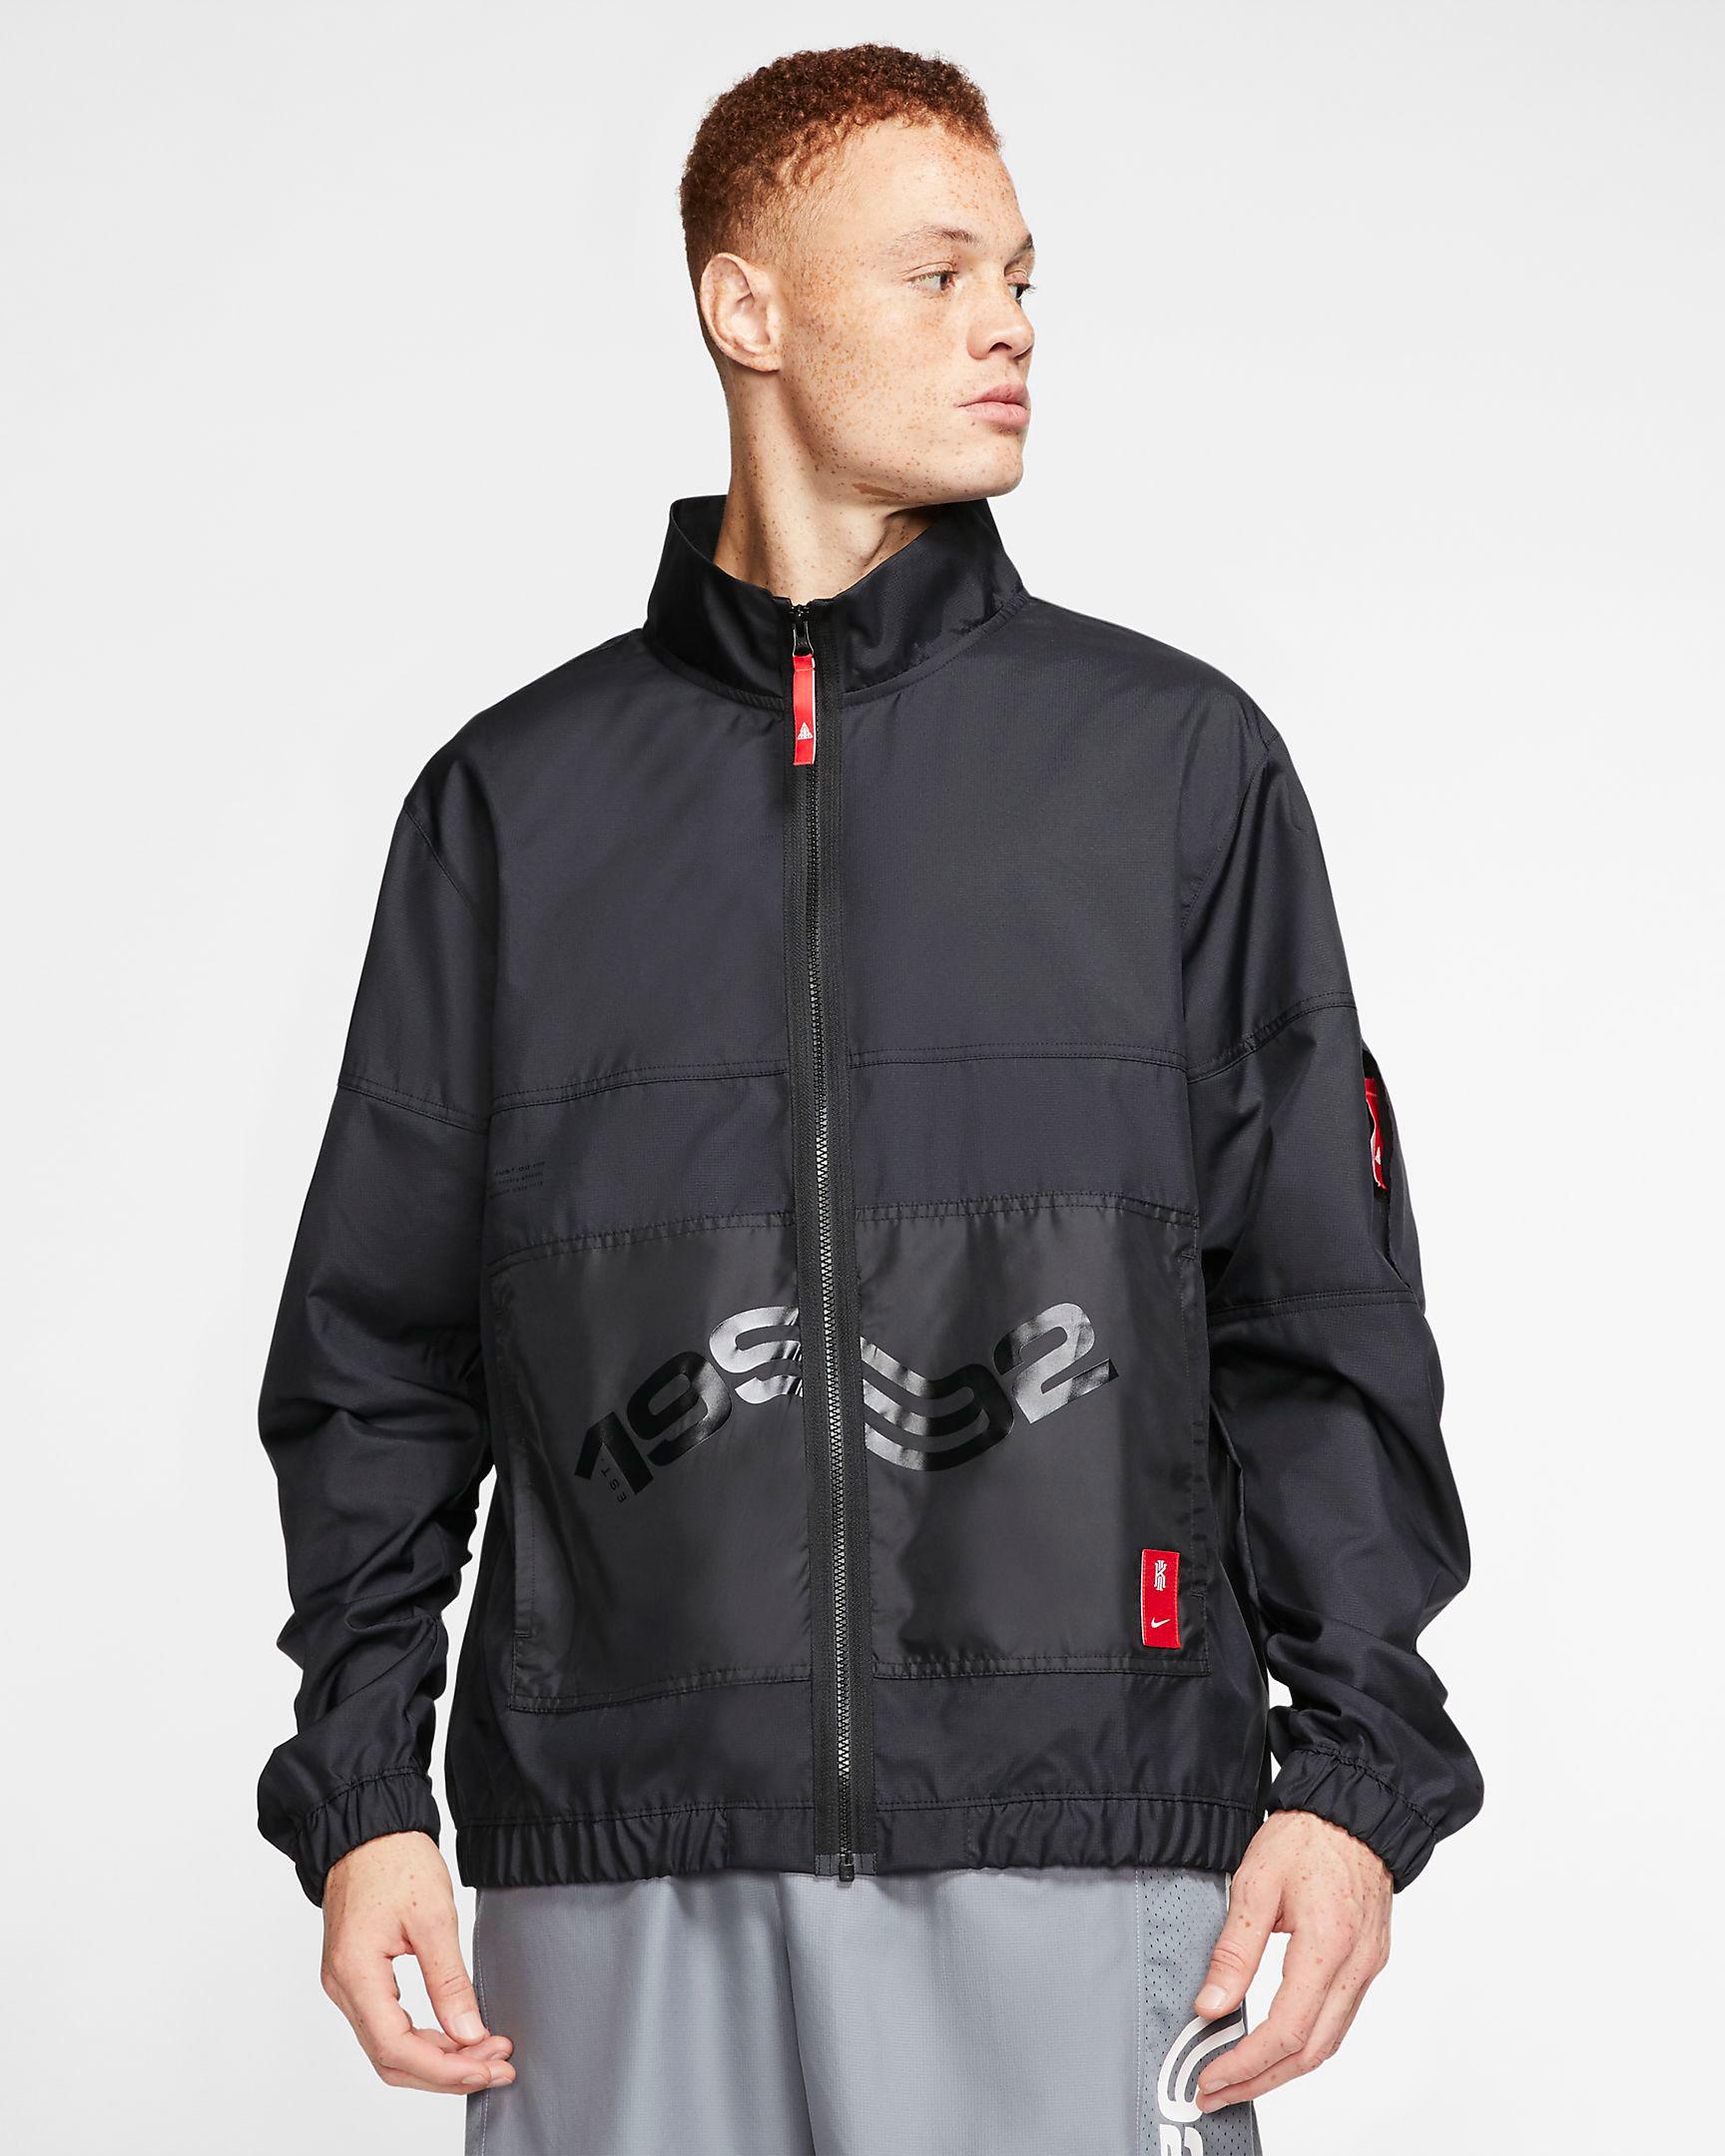 nike-kyrie-6-trophies-jacket-2